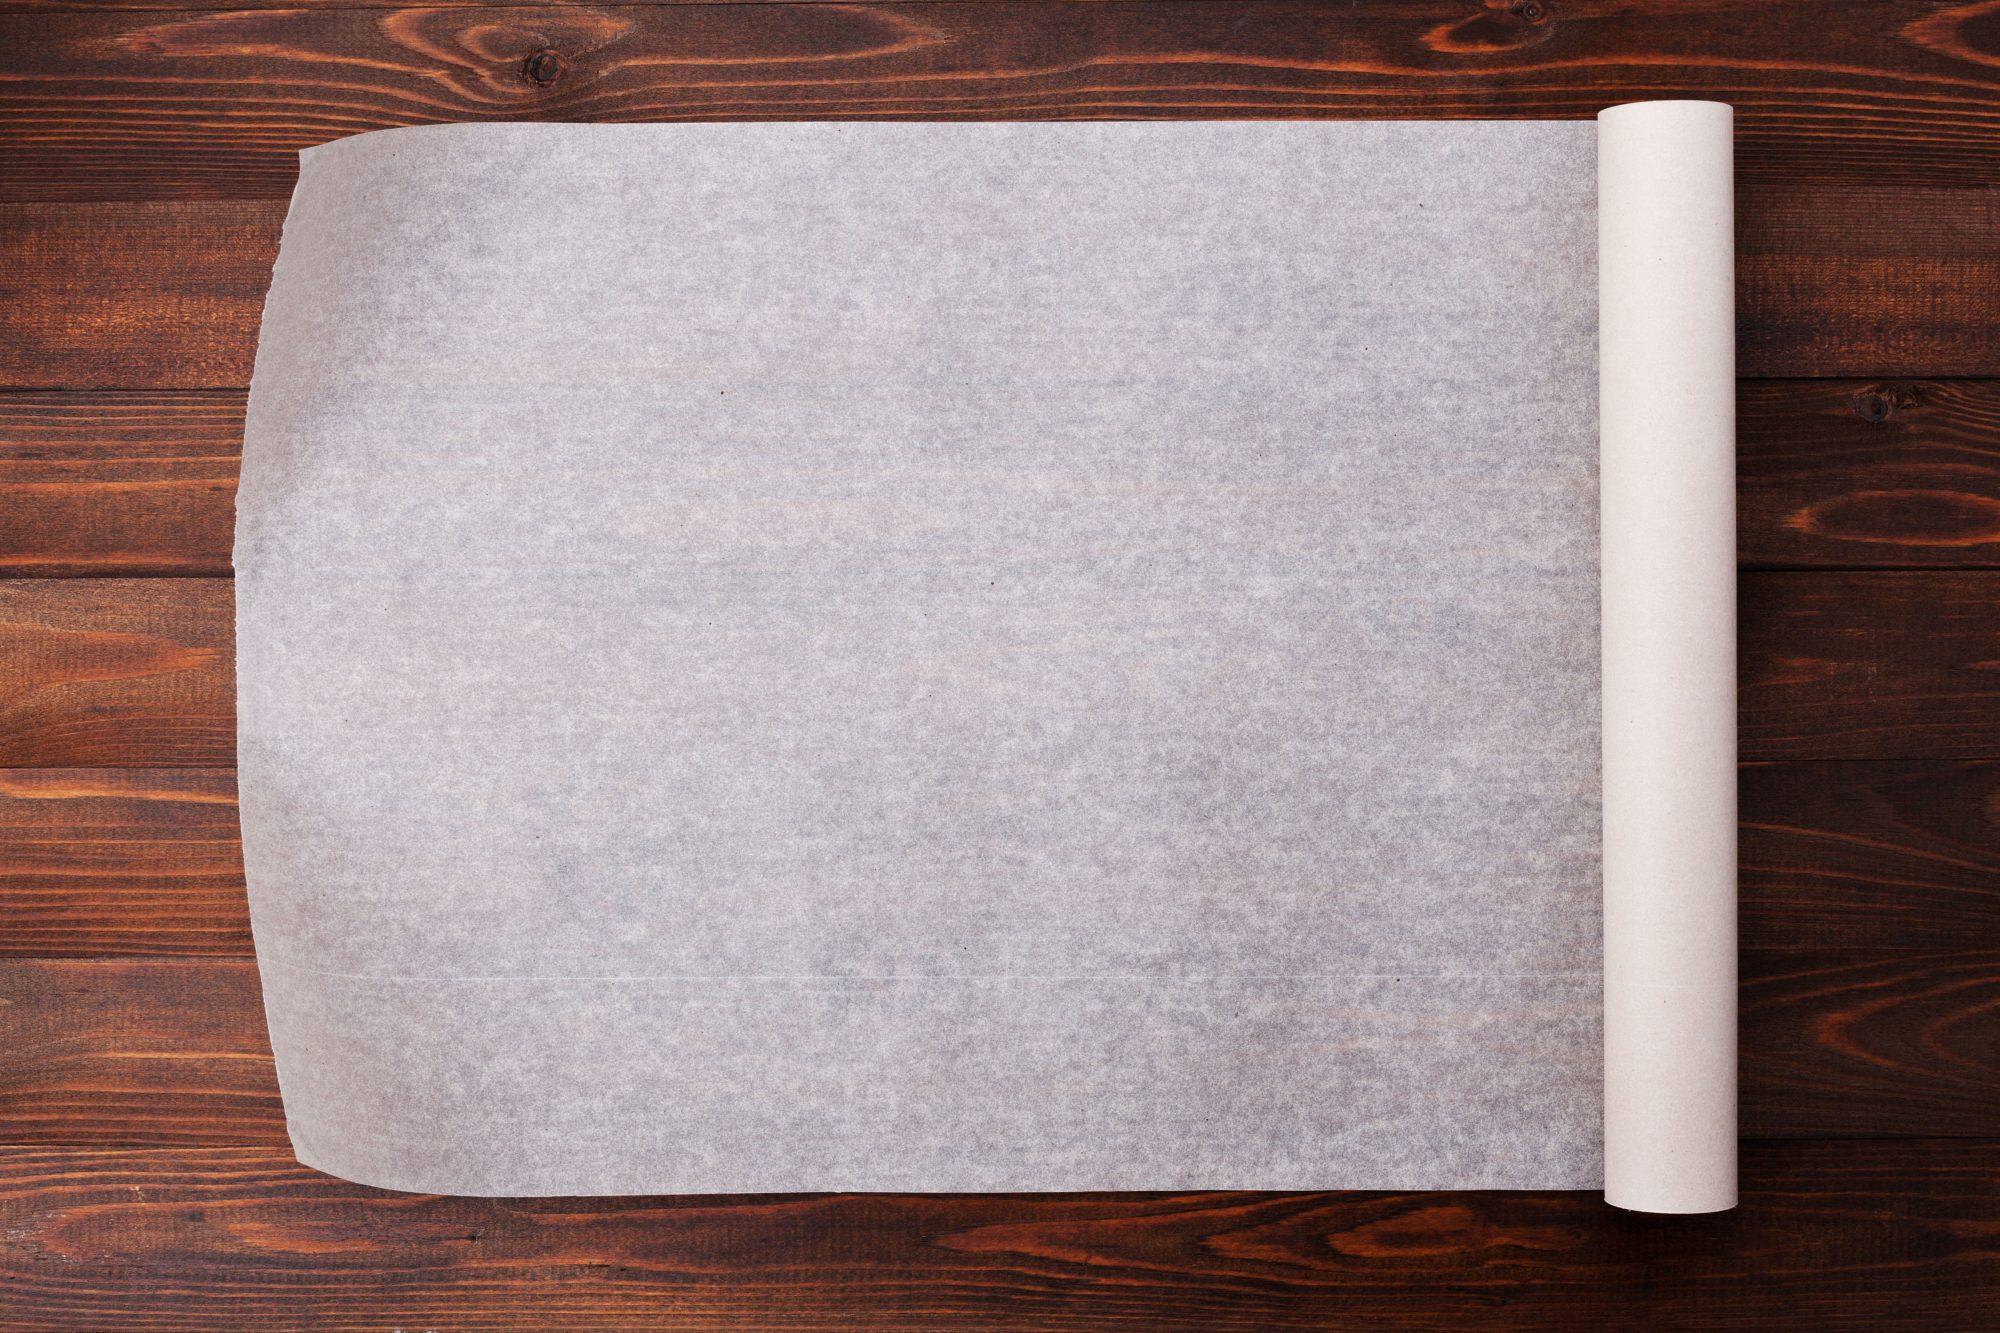 Wax paper vs parchment paper